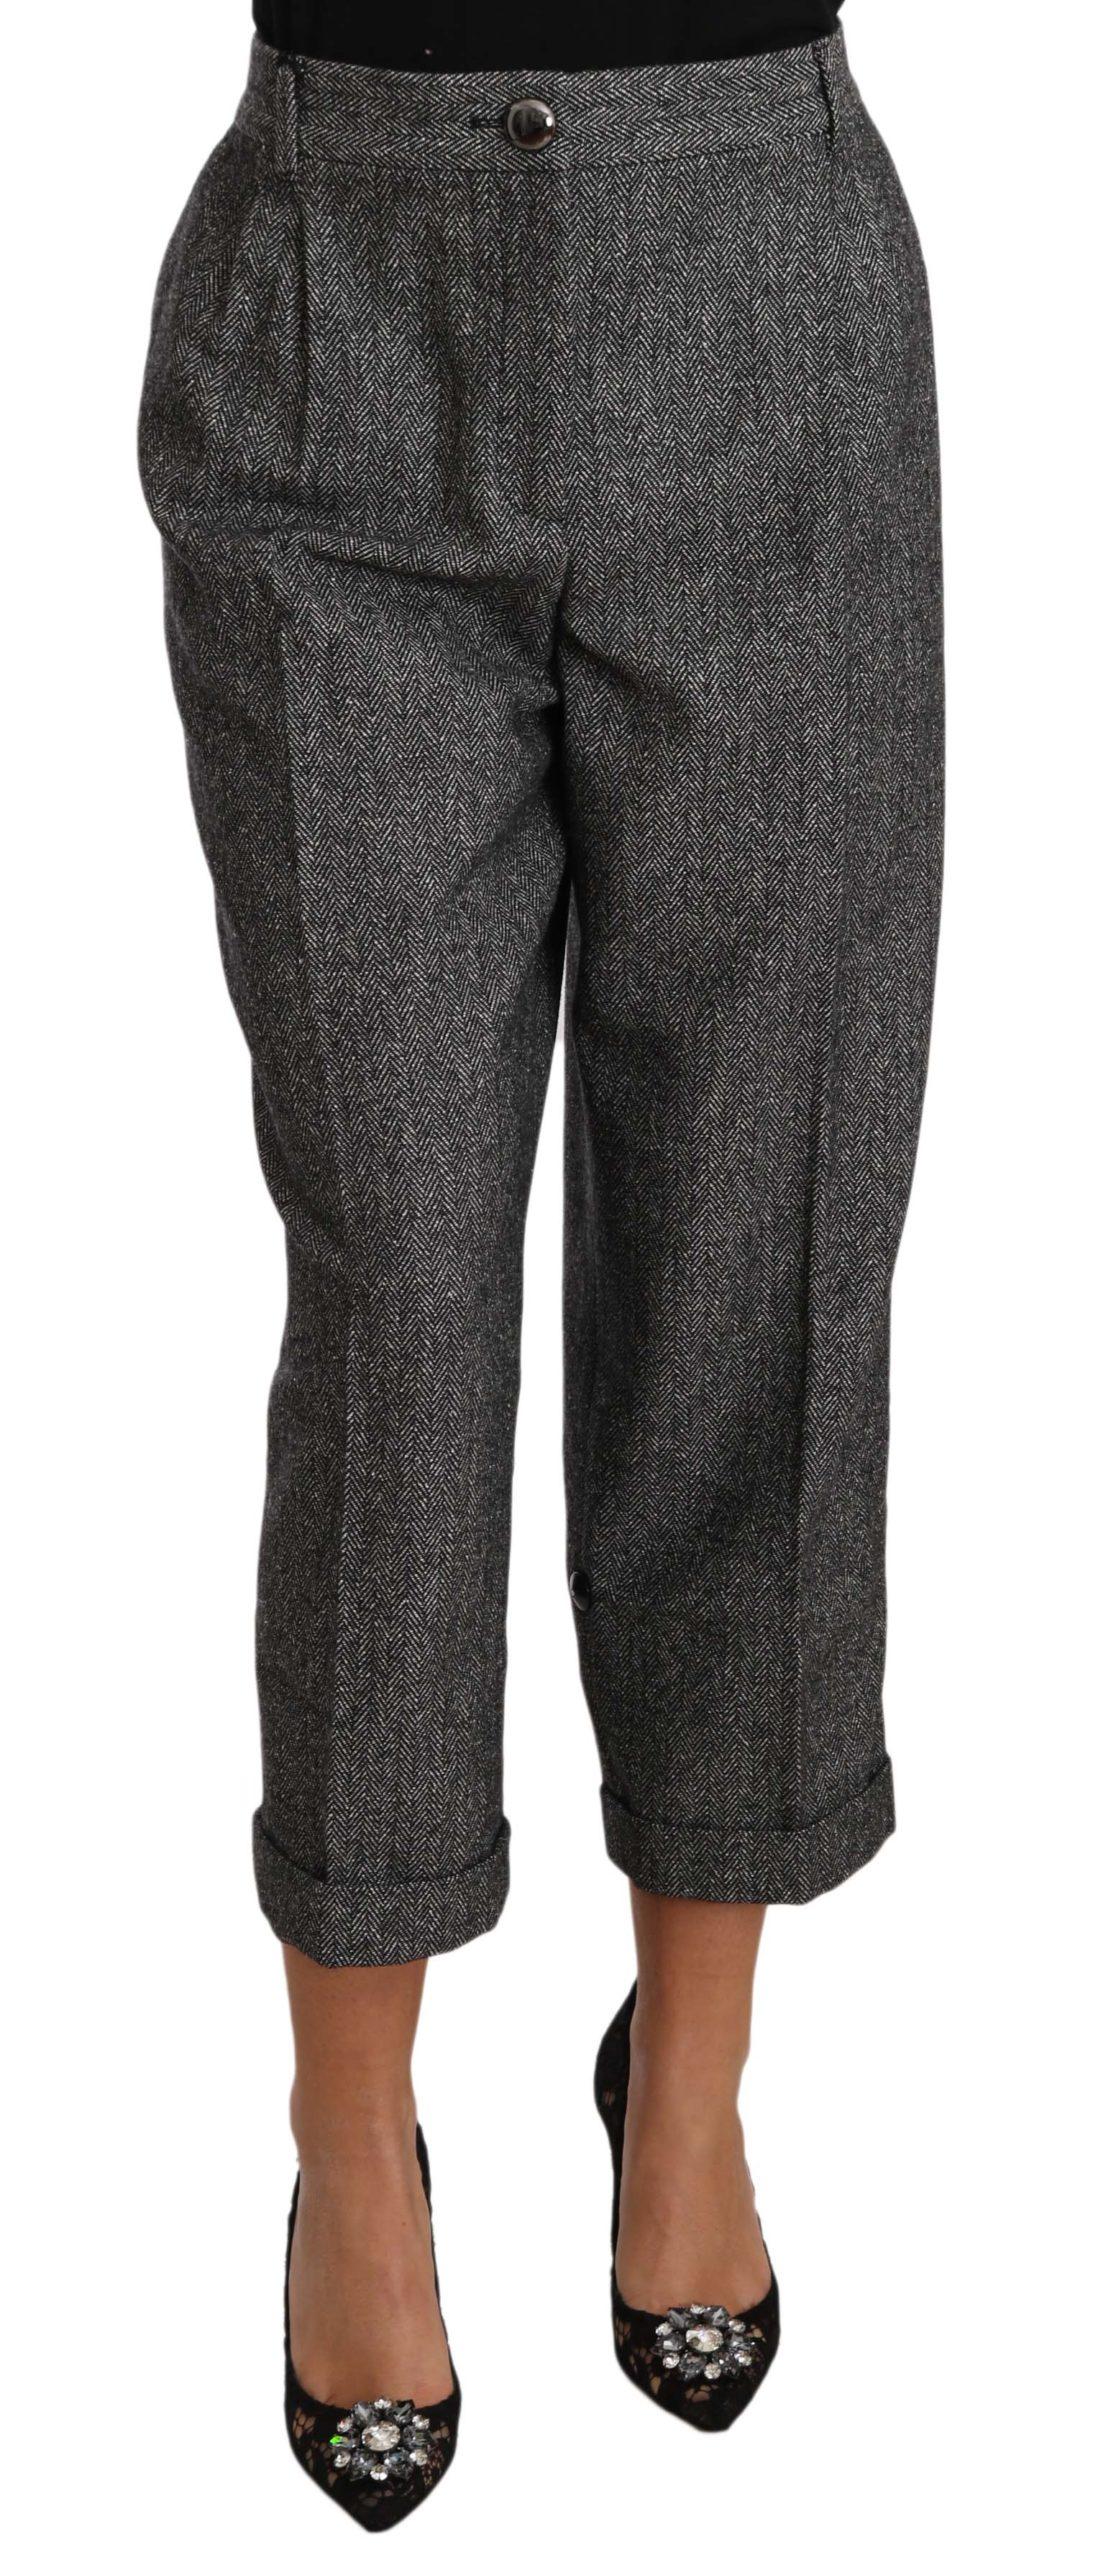 Dolce & Gabbana Women's Wool Pleated Cropped Trouser Pink PAN70266 - IT48 XXL